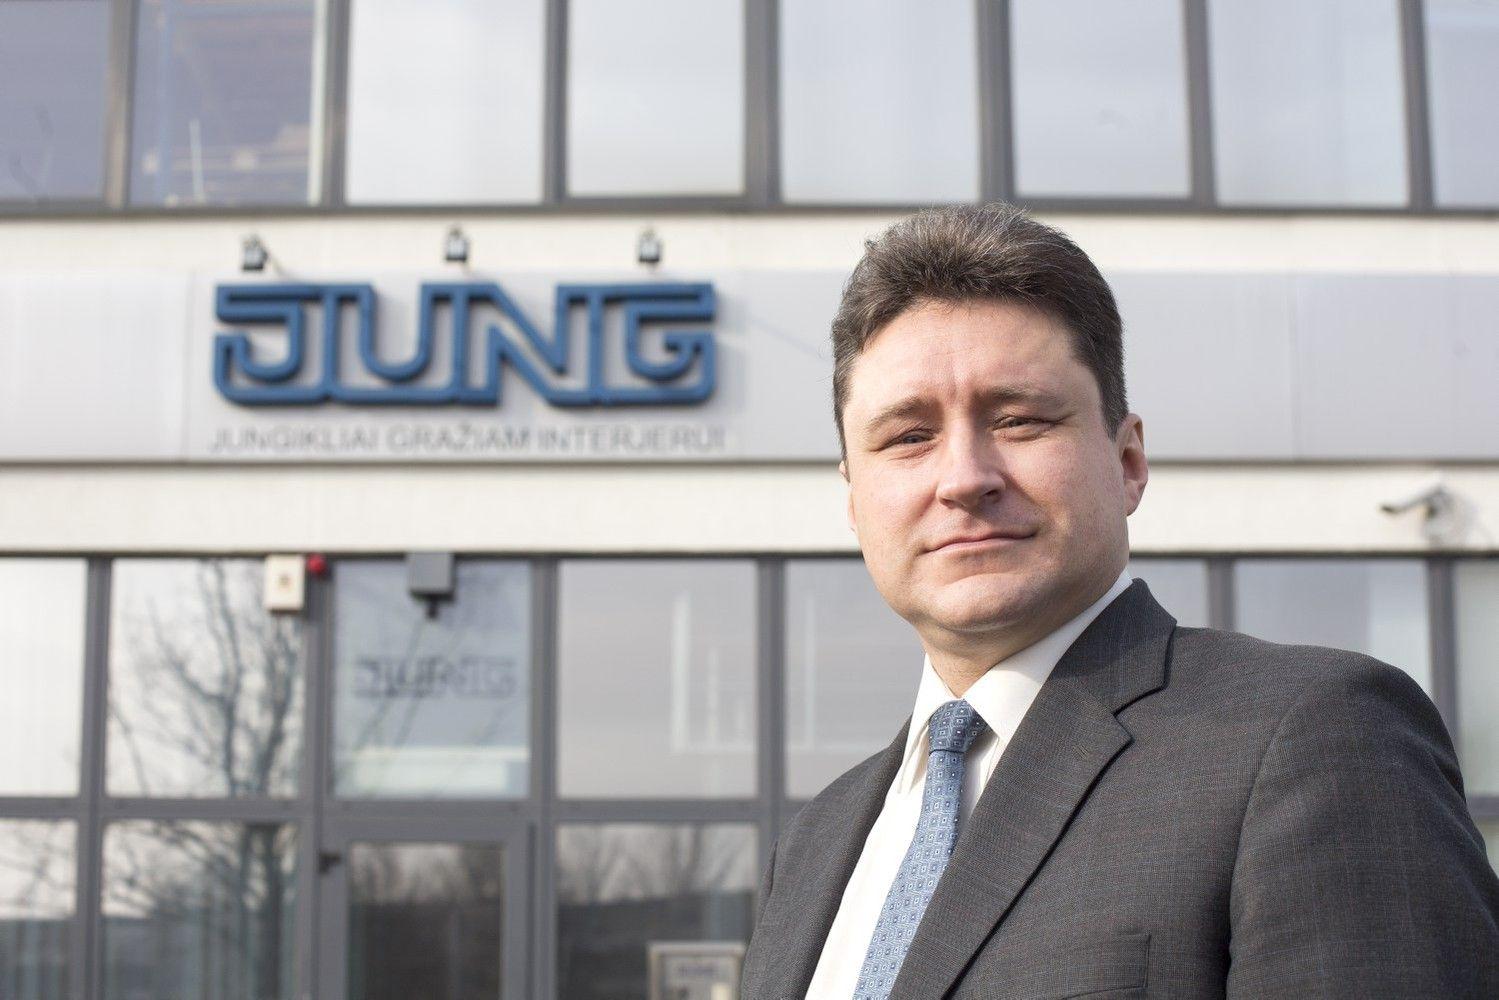 Protingų namų potencialas Lietuvoje: neišnaudota 95 proc. rinkos